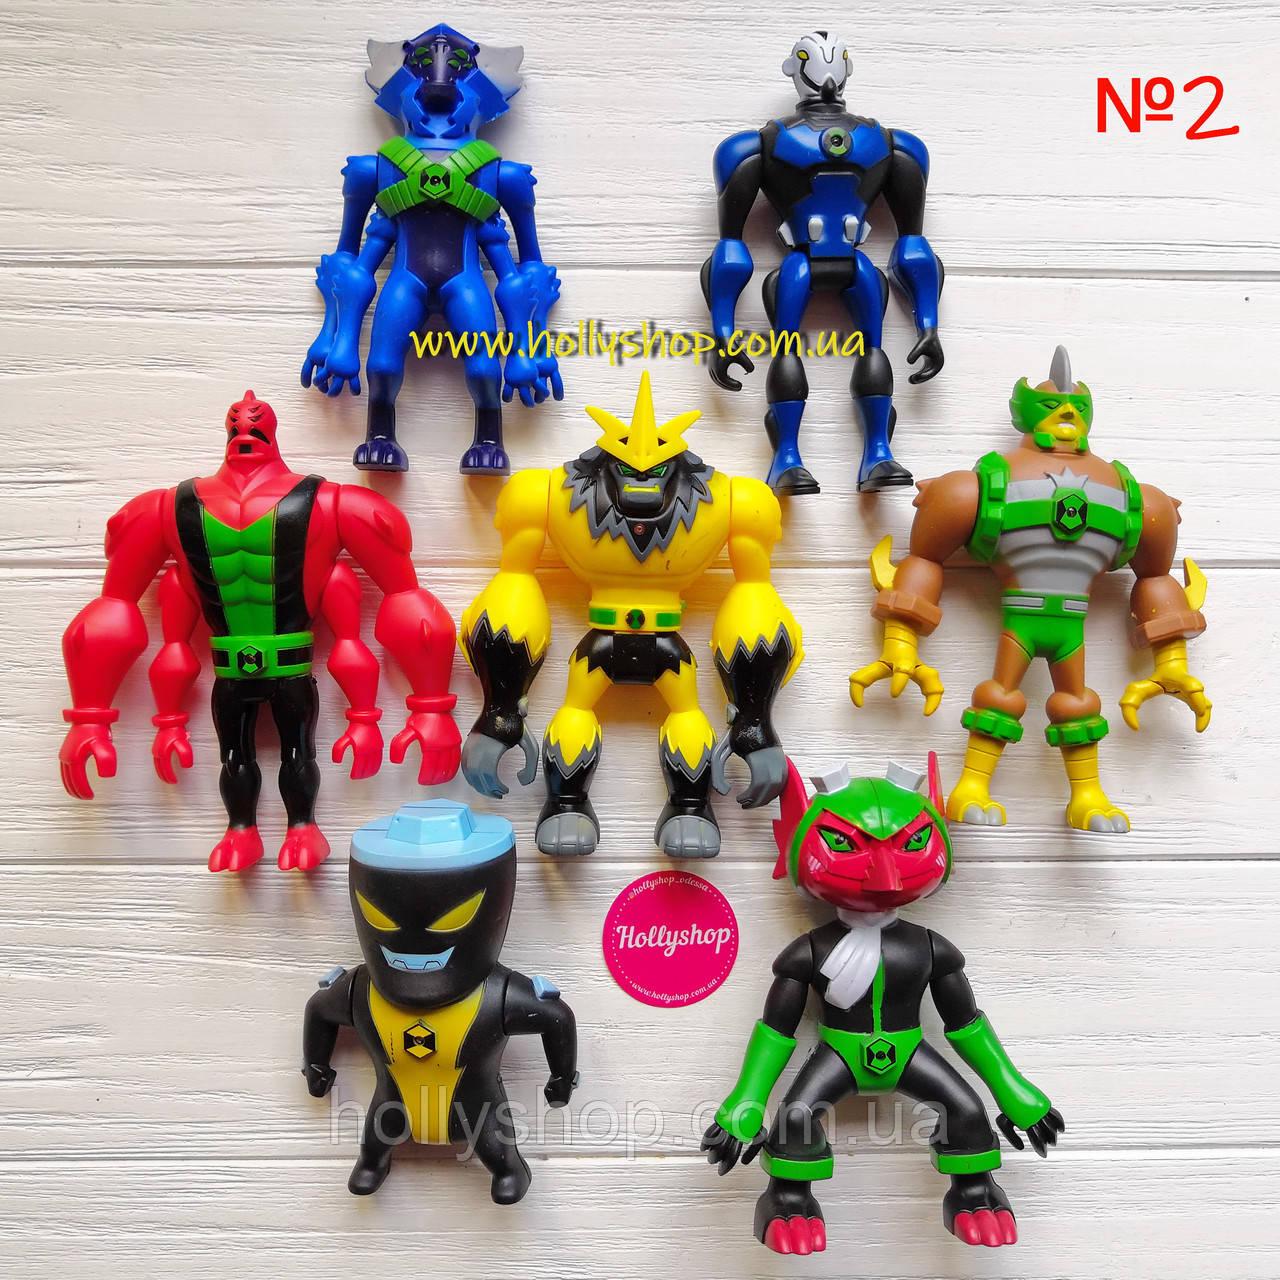 Игровой набор фигурок героев Ben 10 10-14 см + Свет №2